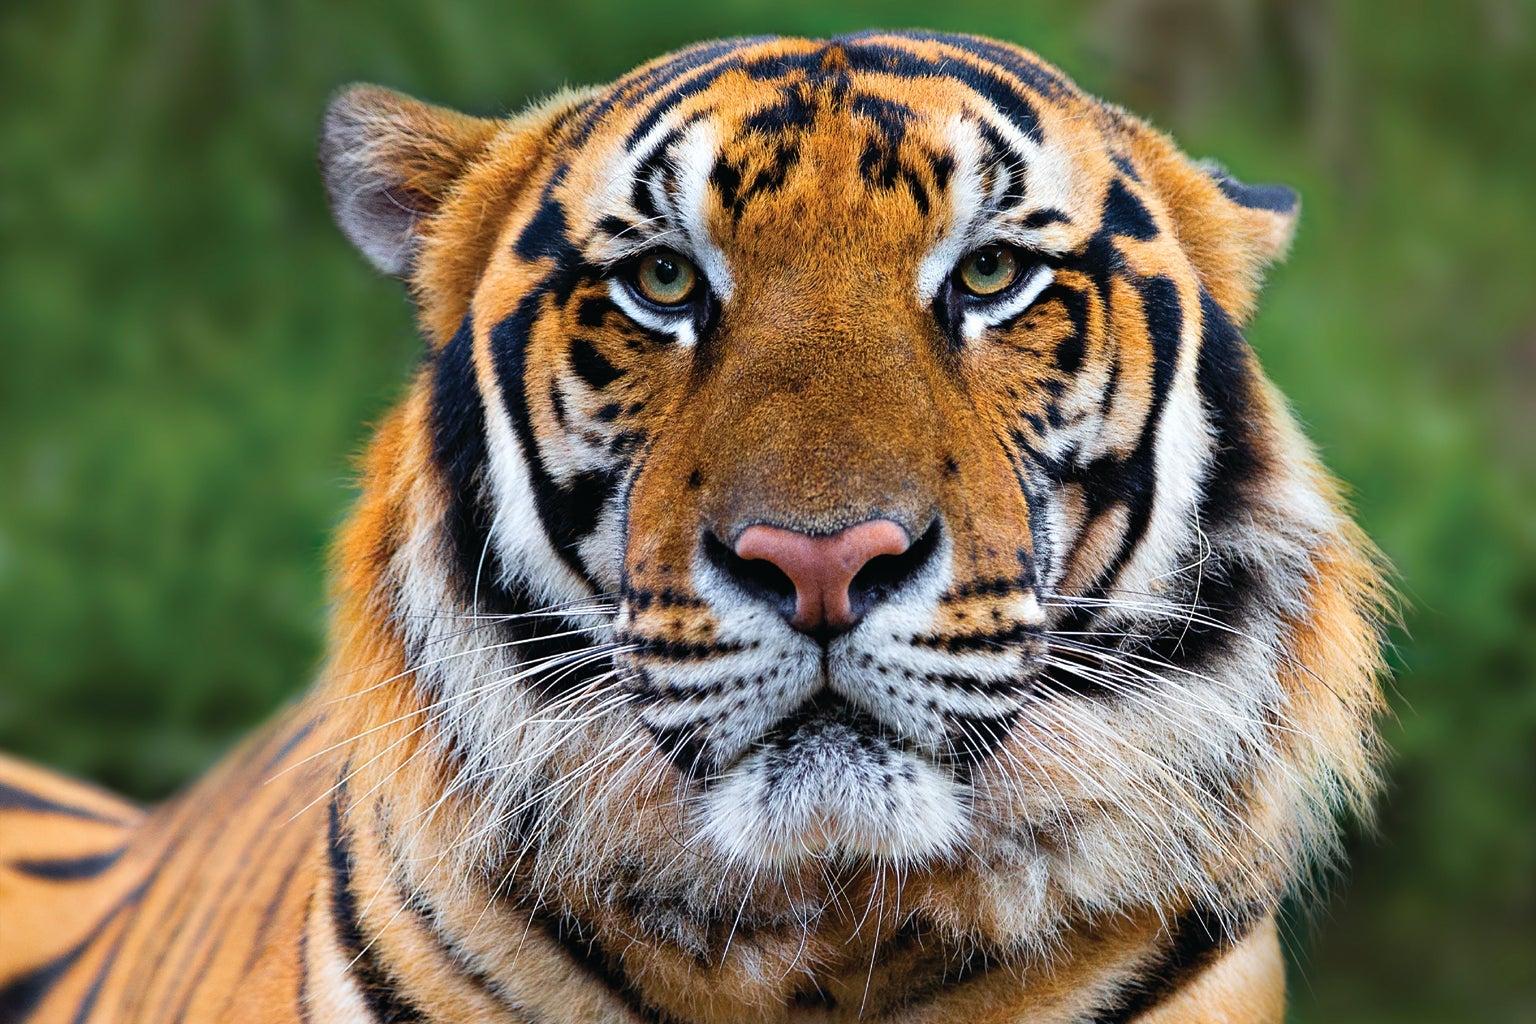 Harimau di Indonesia merupakan hewan yang sangat langka